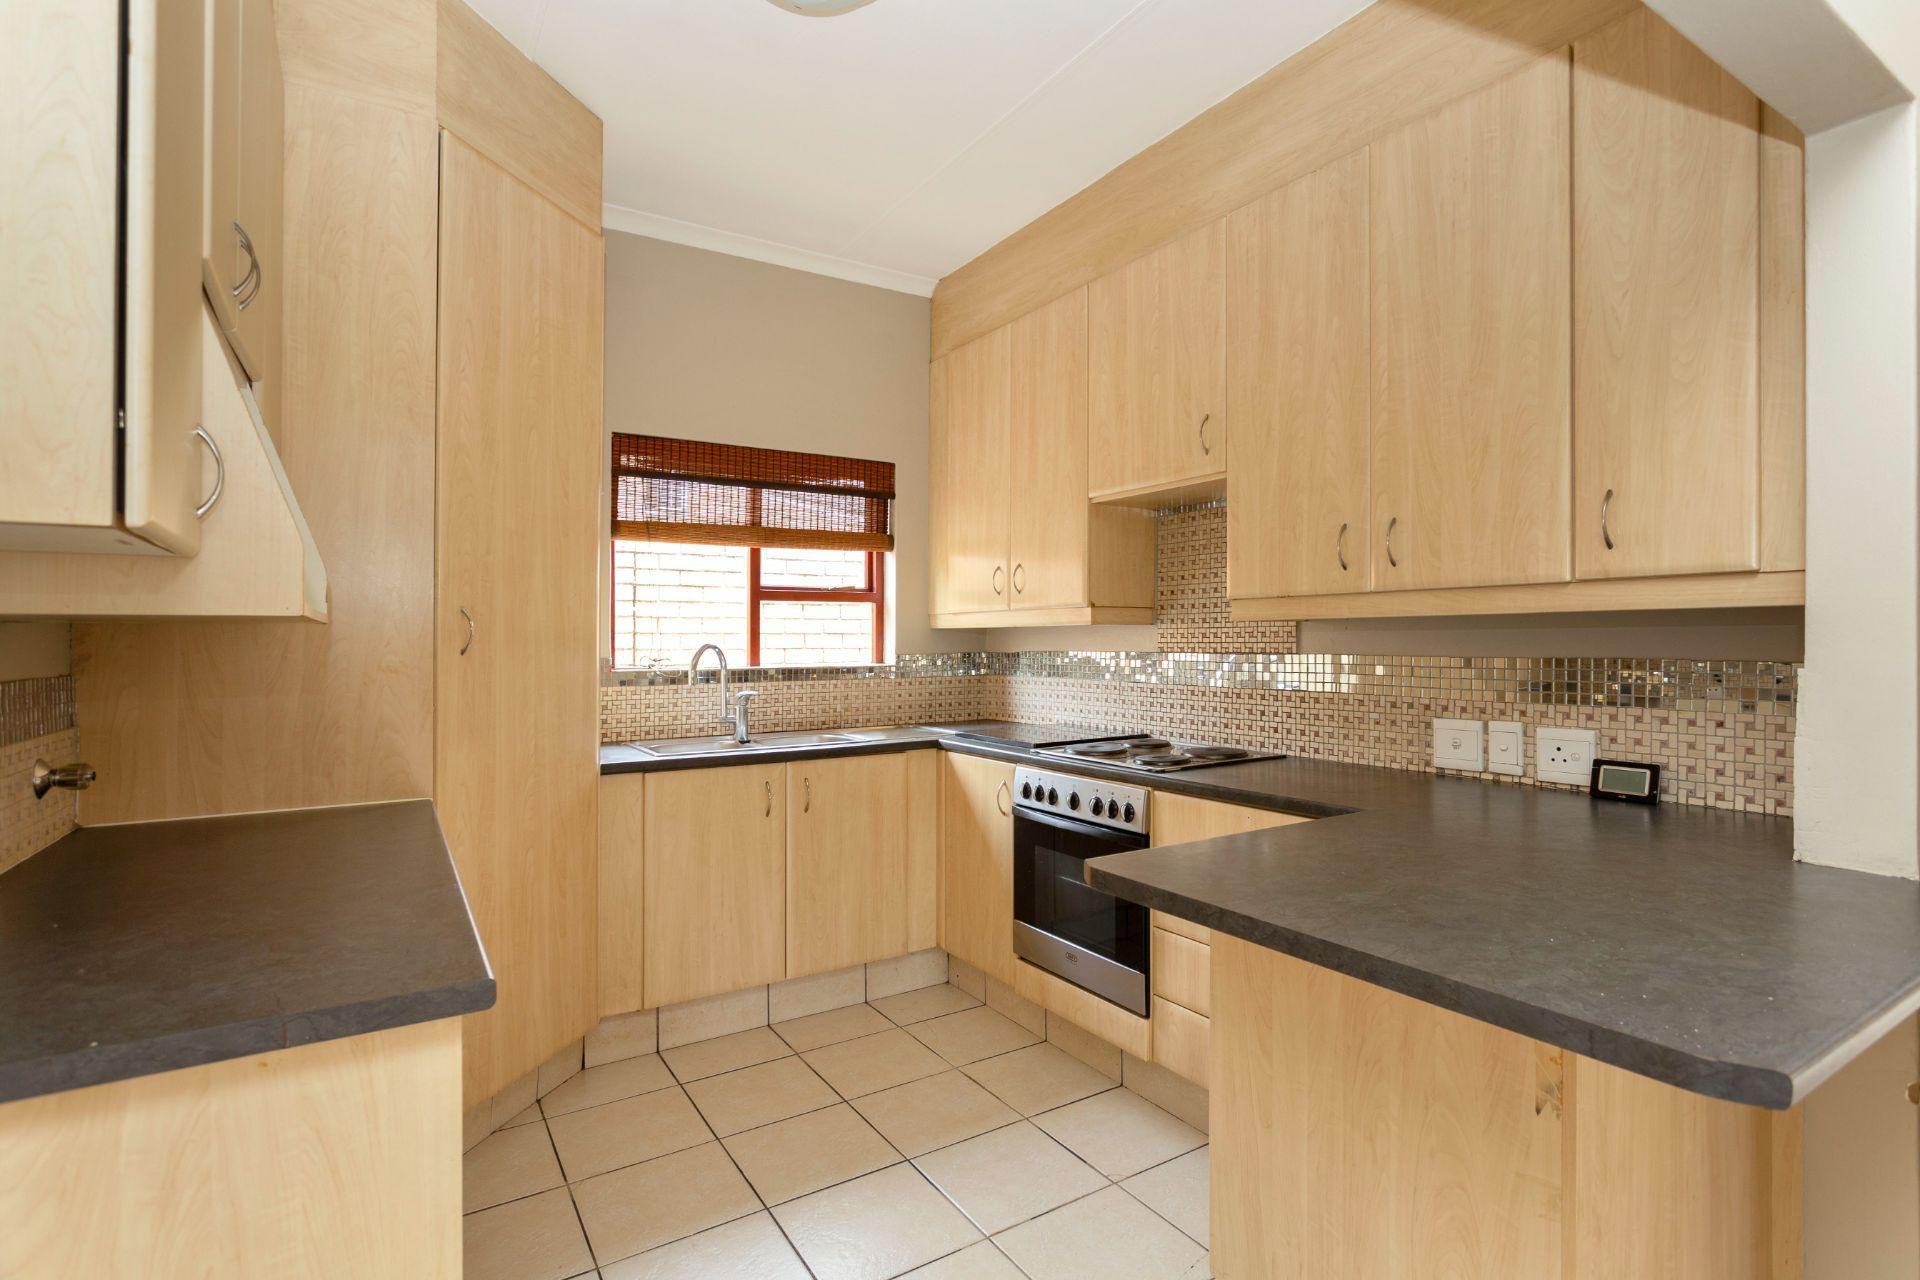 54 Fourways Estate Craigavon (24).jpg